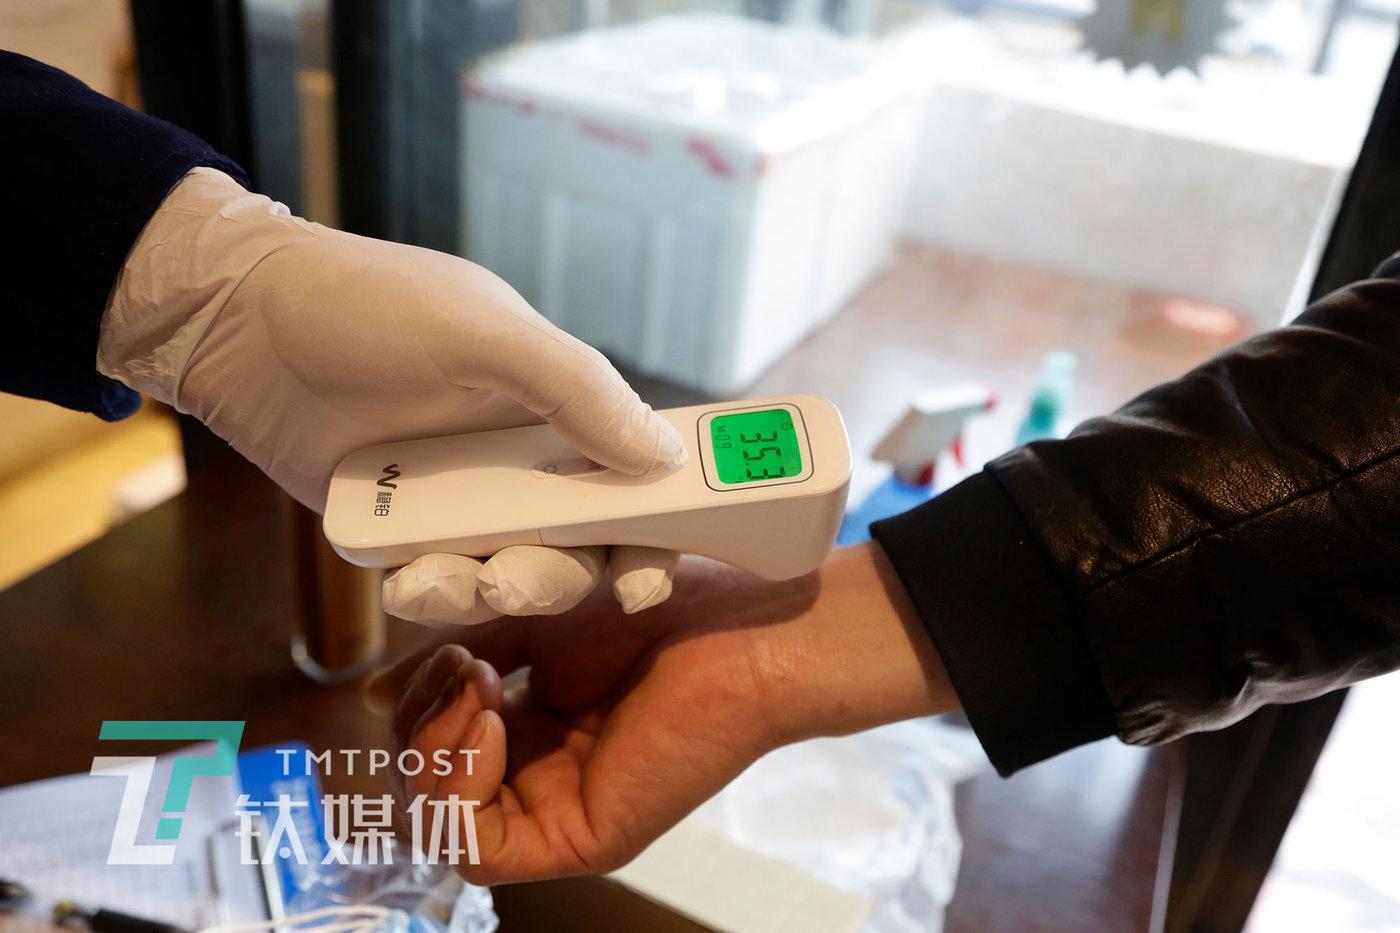 3月31日,北京,湘悦楼员工为进店顾客测量体温。